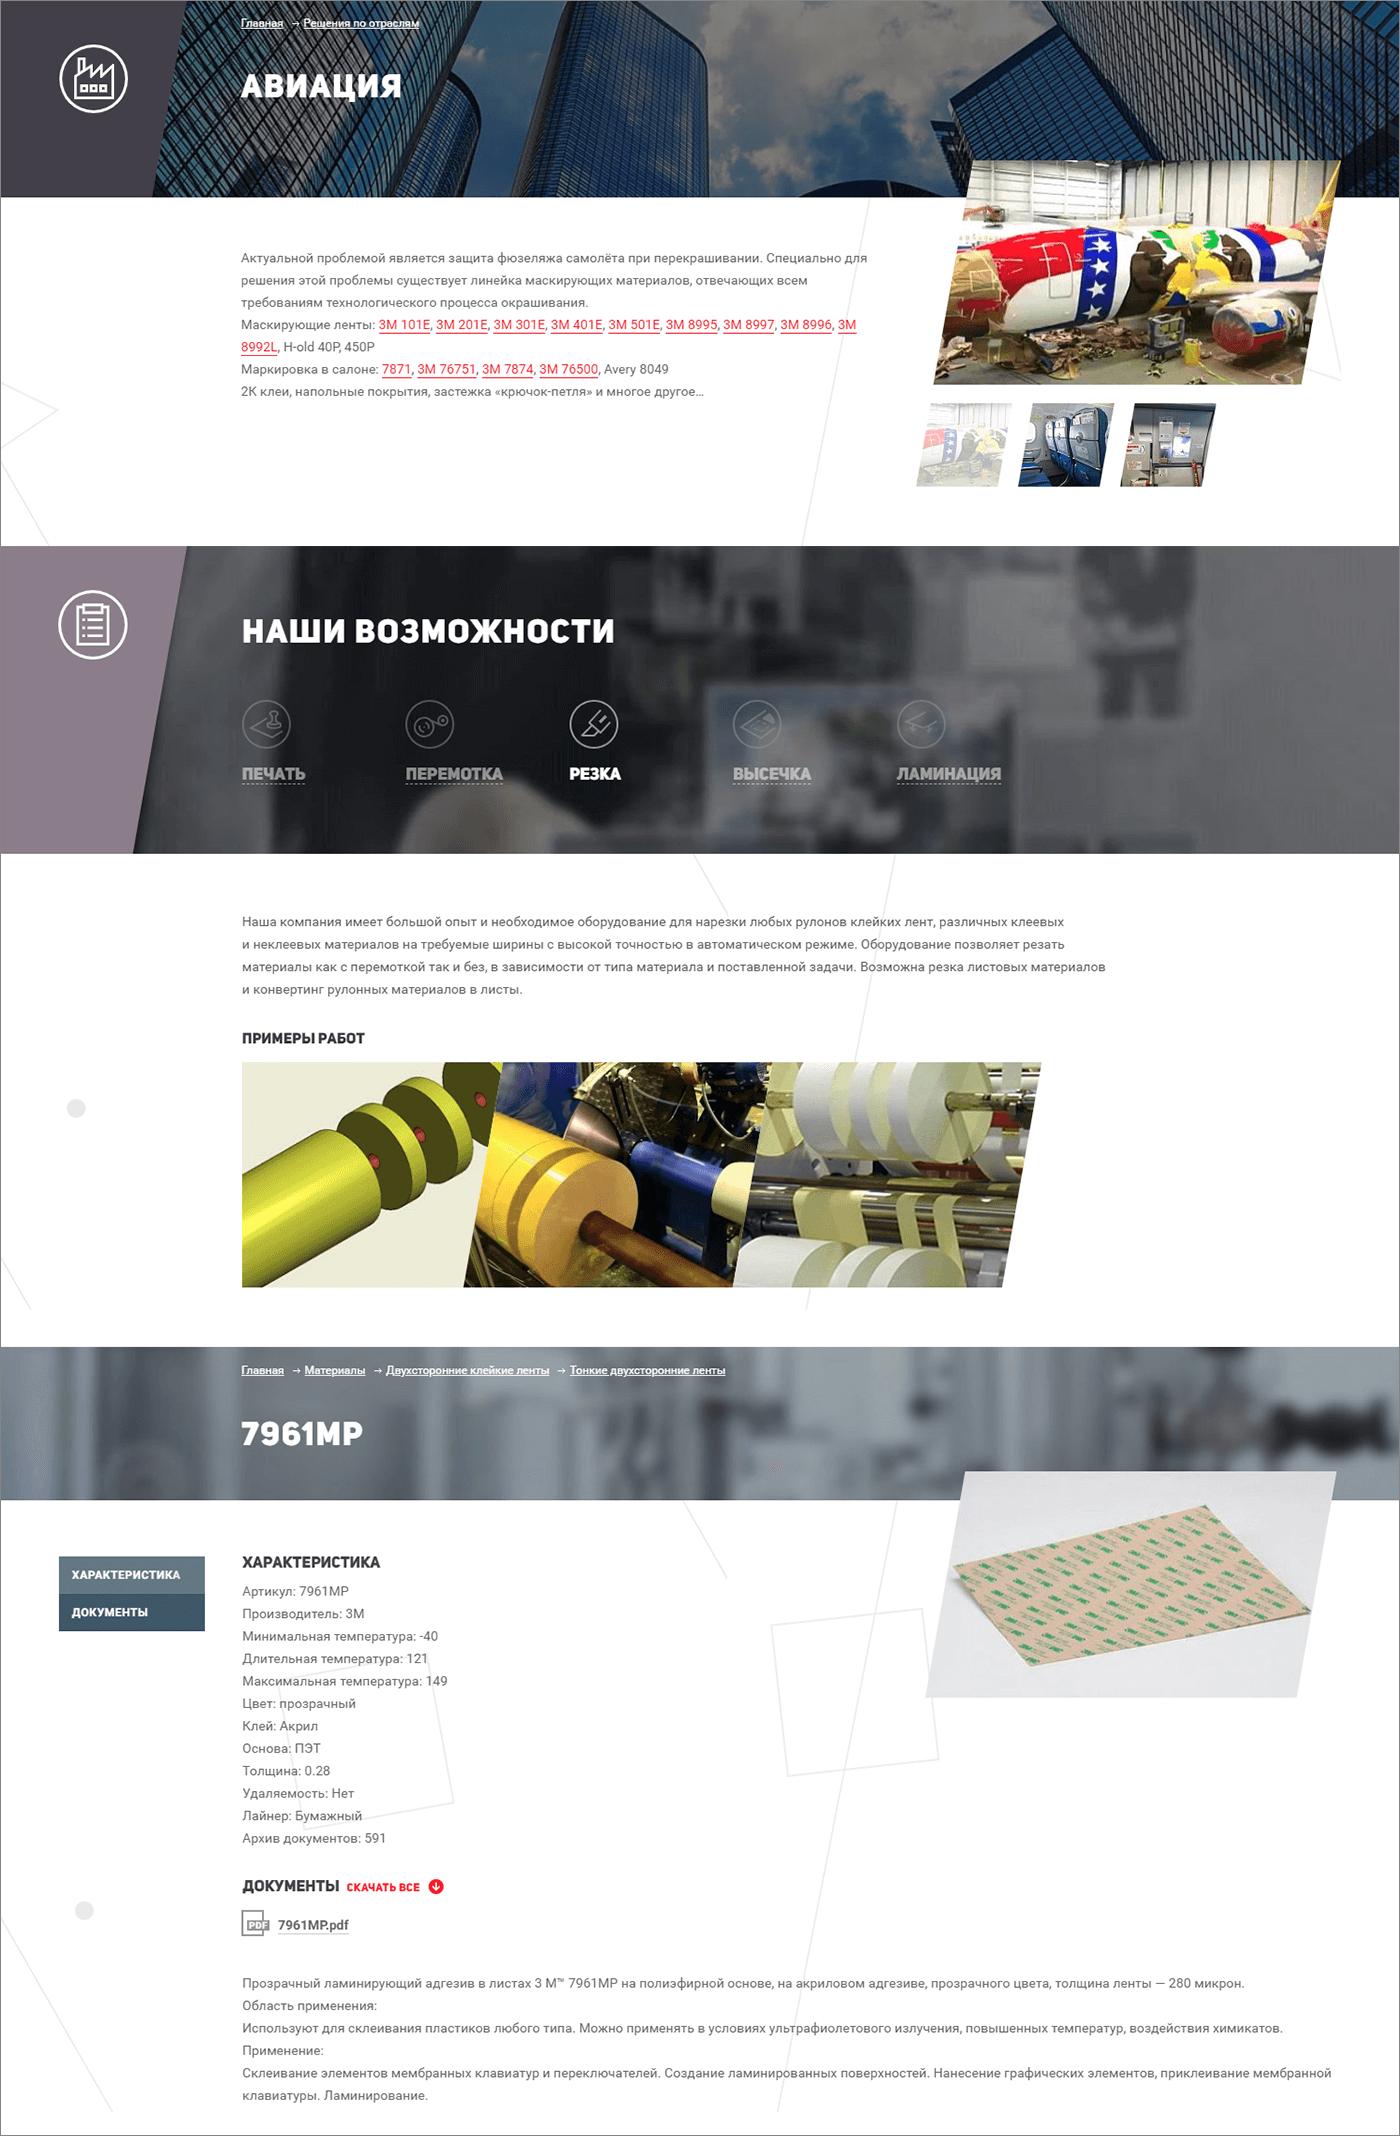 <p>Наклонные линии иблоки появляются вразных разделах сайта, подчеркивая единую дизайн-концепцию: это могут быть фото вгалерее или отдельные изображения товара надетальной странице.</p>